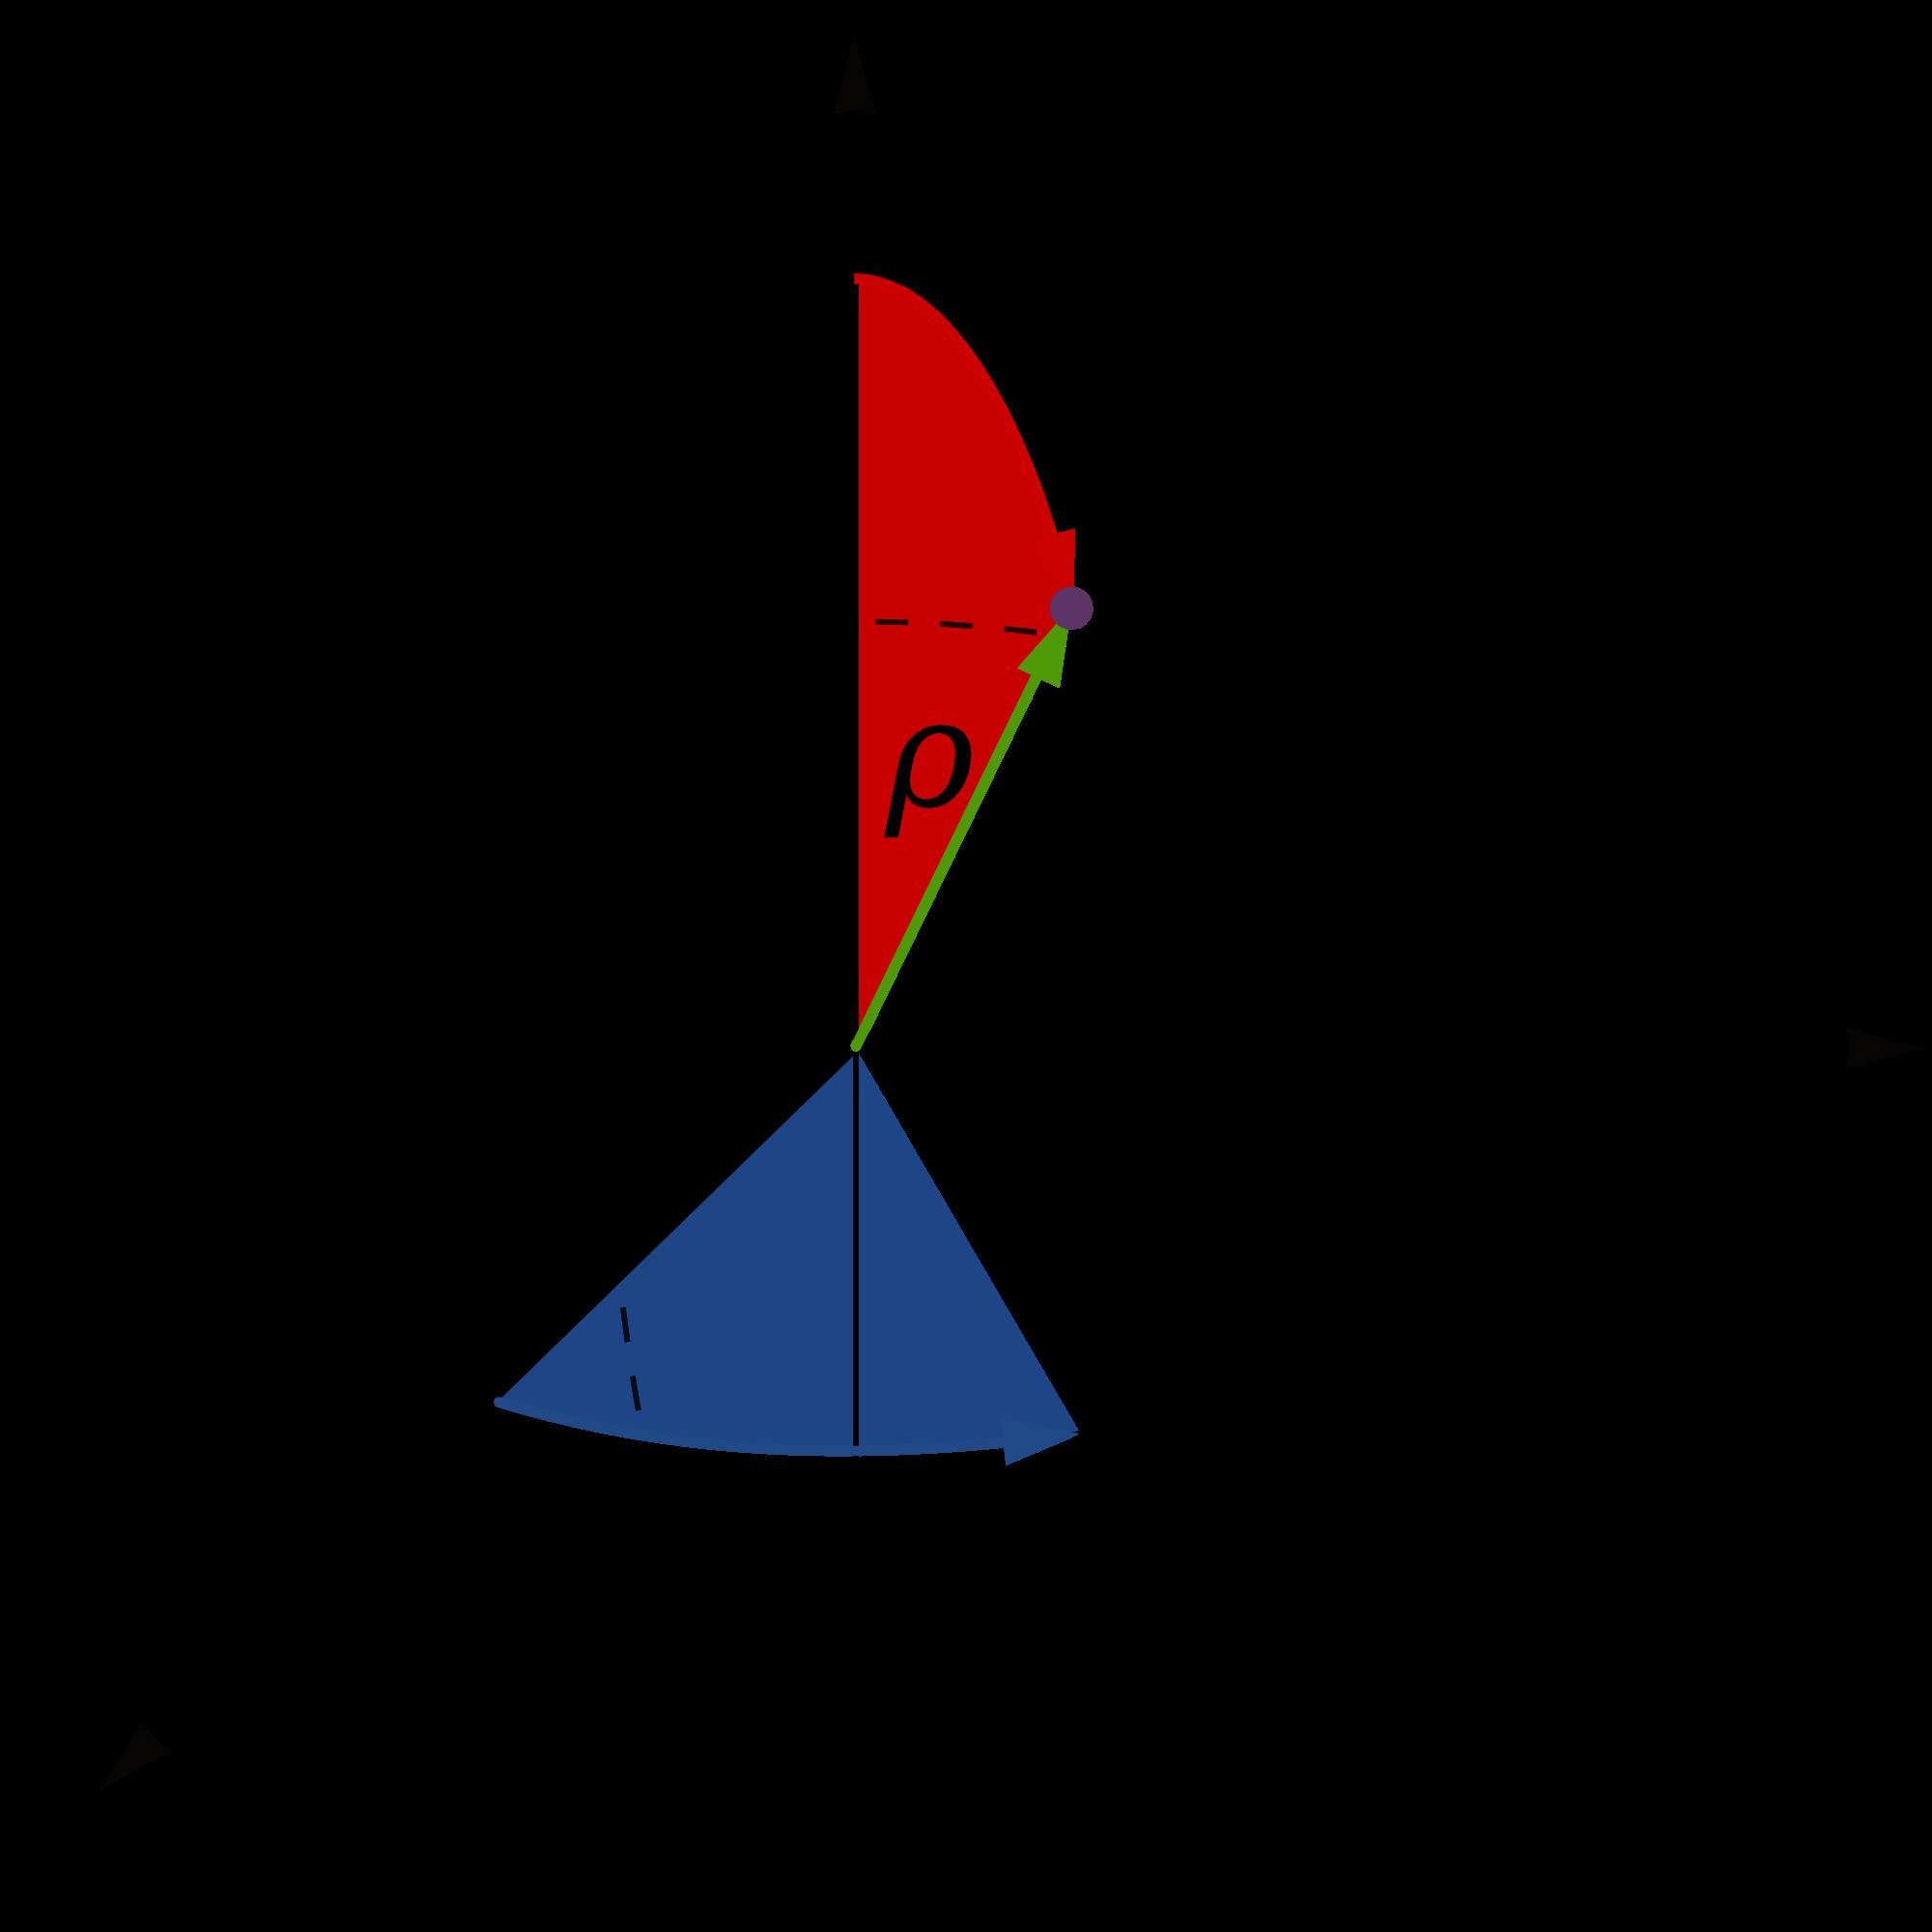 Топология и комплексный анализ для ничего не подозревающего разработчика игр: сжатие единичных 3D-векторов - 2